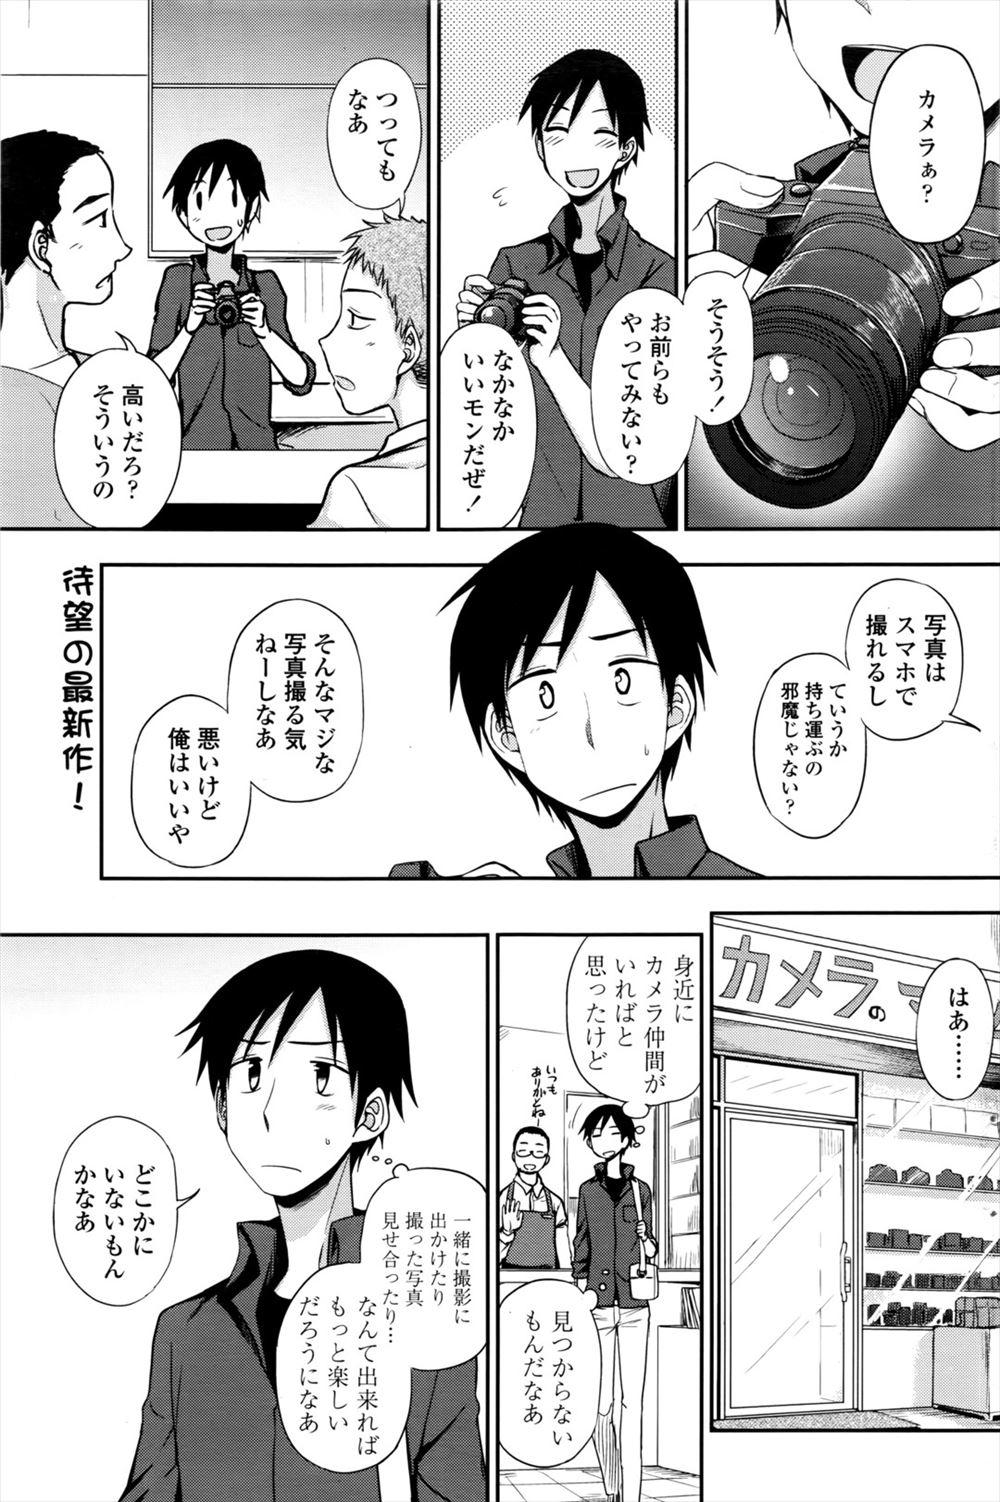 [くまのとおる] ルイトモ (1)